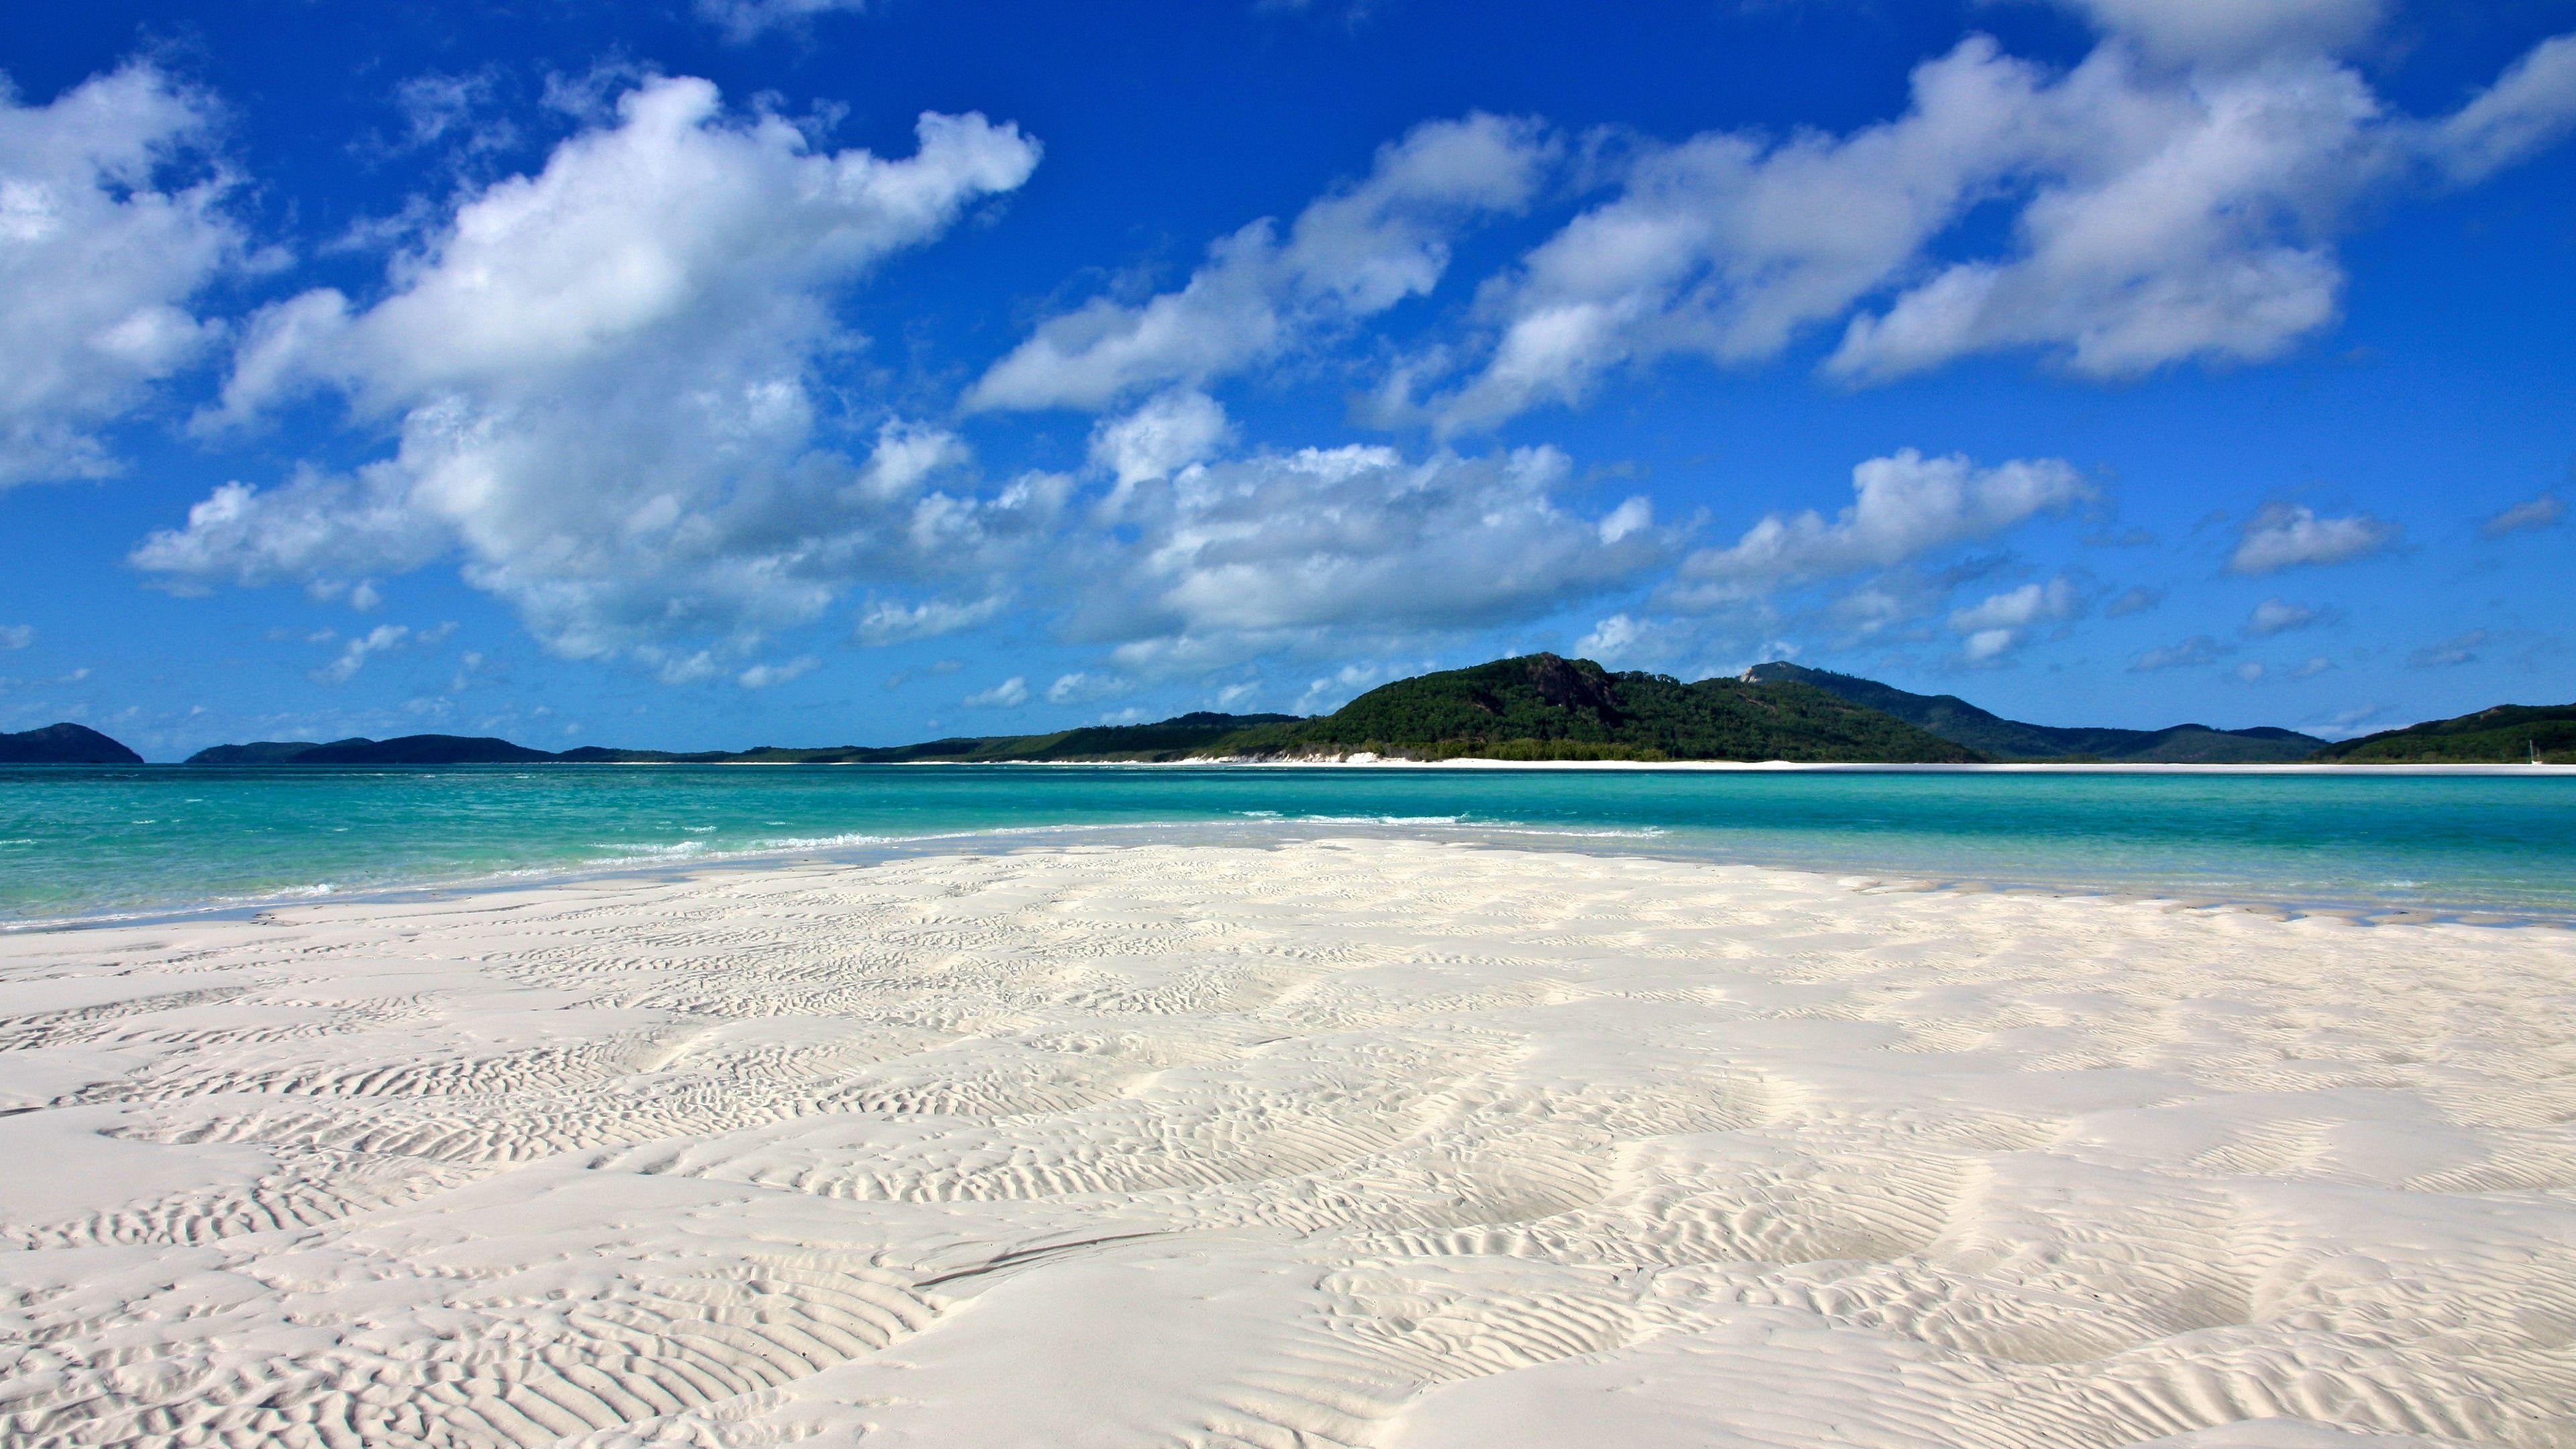 3840x2160 Virgin Beach Tropical Island Hình nền cho máy tính để bàn 4K.  65 hình nền điện thoại